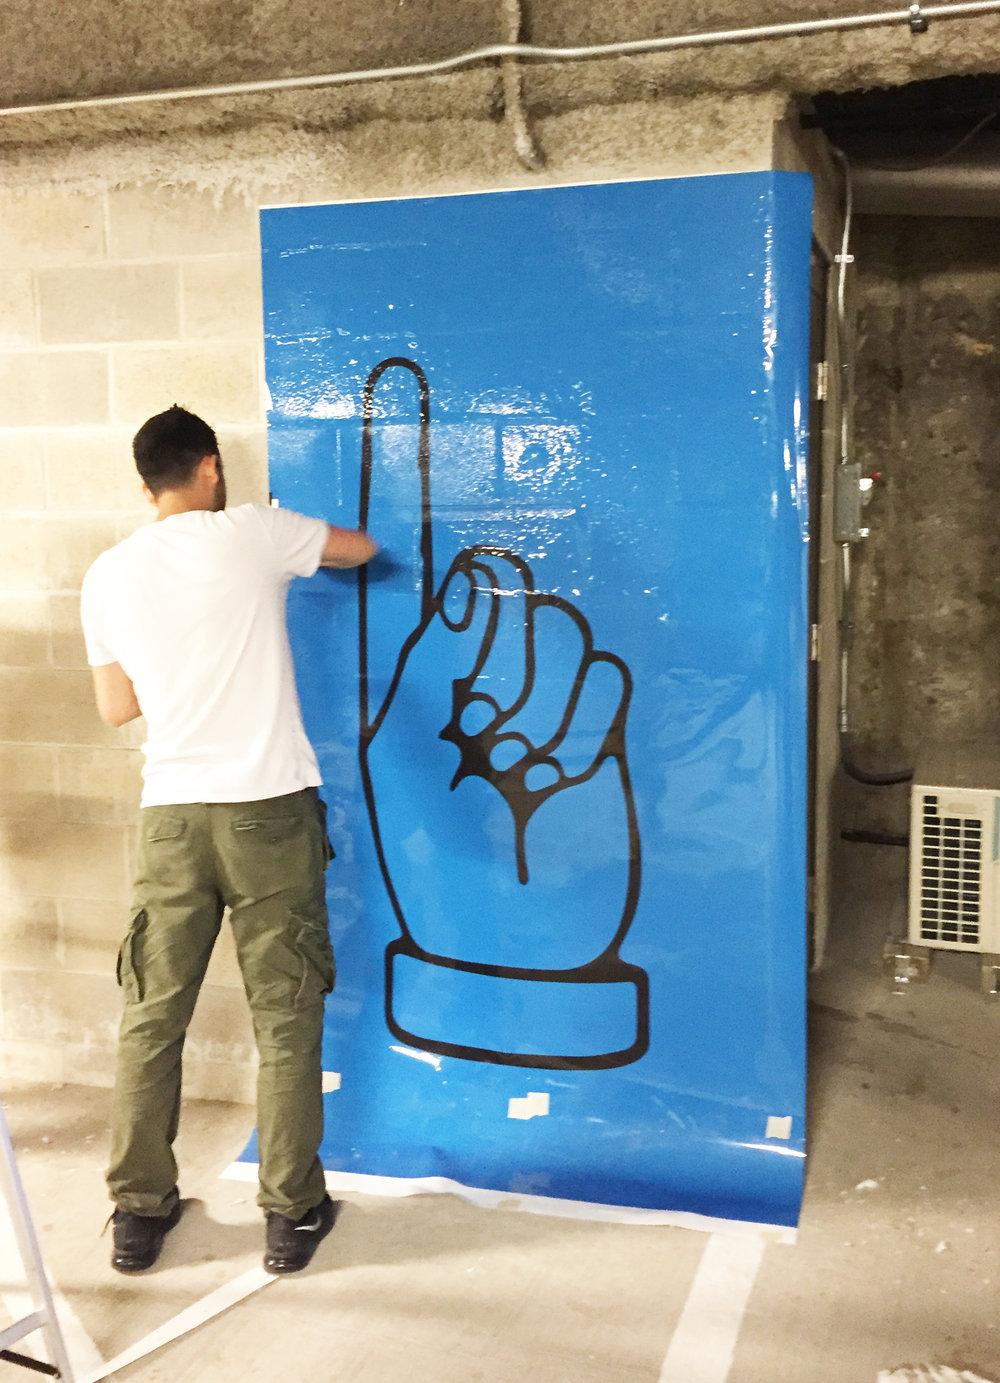 axiom_garage hand.jpeg